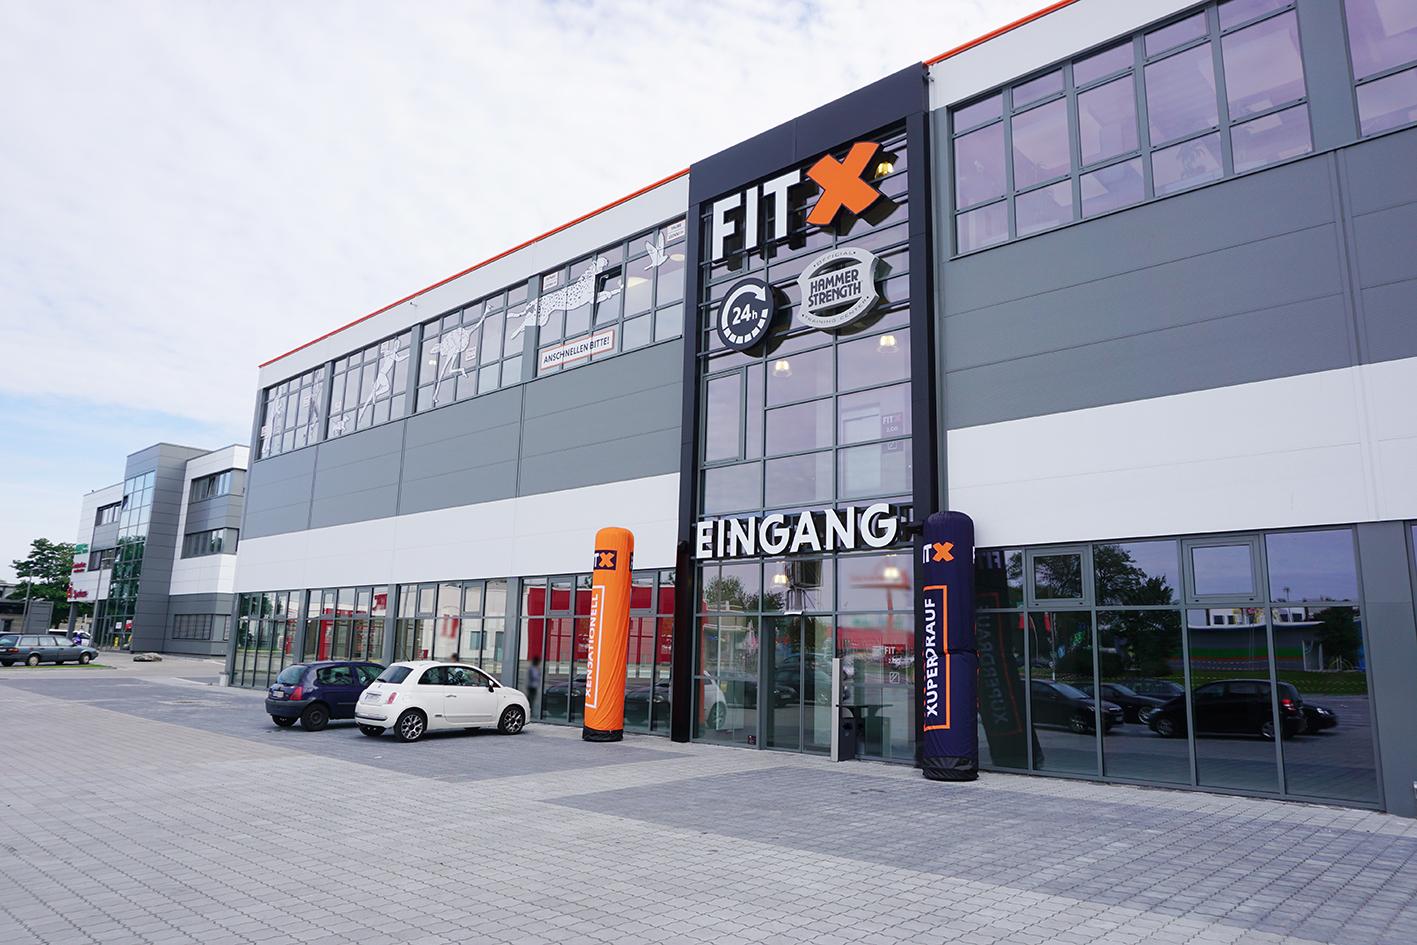 FitX Fitnessstudio, Bei der Lohmühle 84 in Lübeck